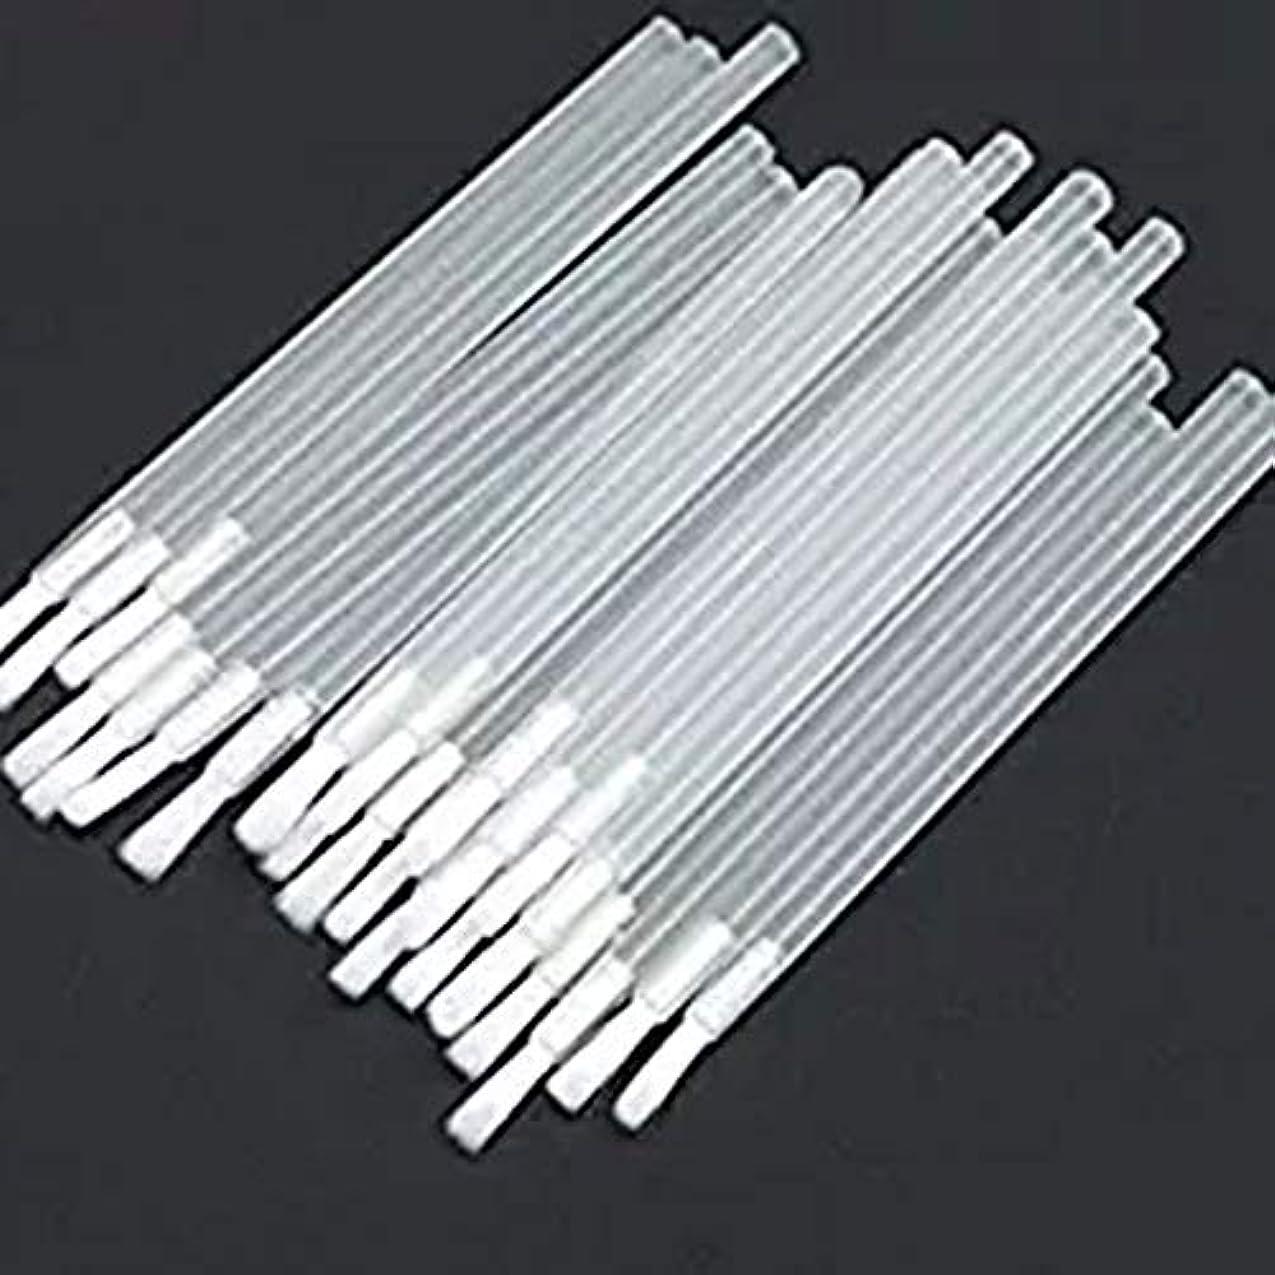 申込み化学者地元アイライナーブラシ 使い捨てリップブラシ 化粧筆 化粧ブラシ 携帯用 便利 約50本 メイクブラシ 化粧用品 化粧筆 使い捨てラシ (white1)